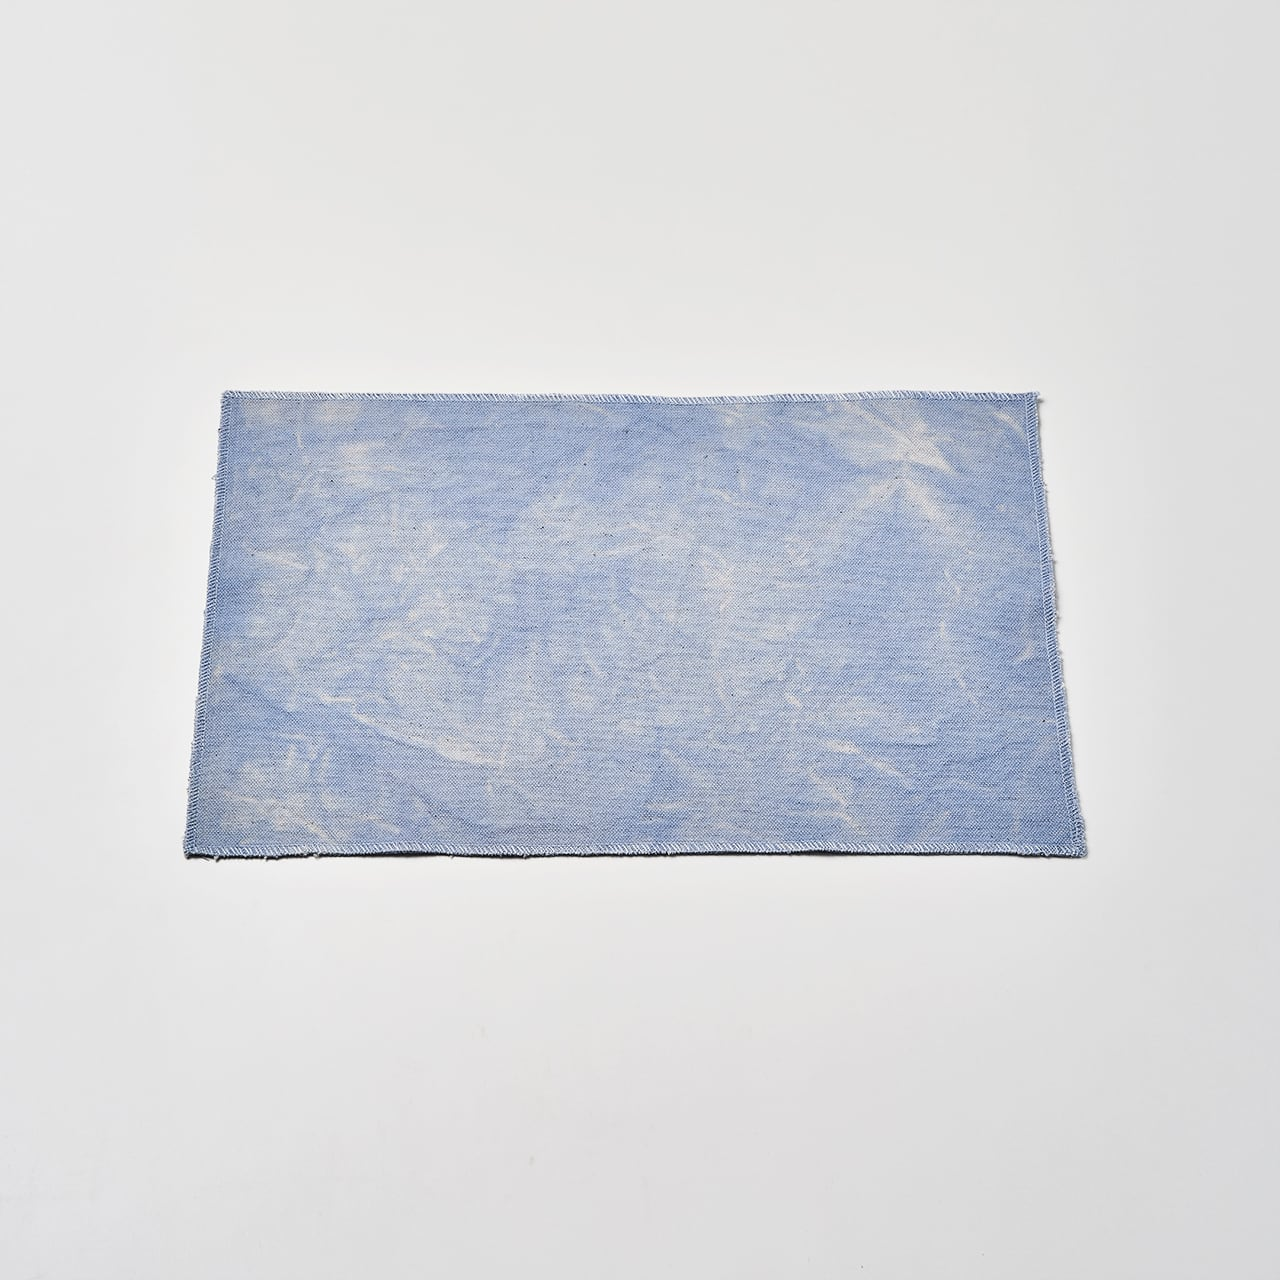 帆布で作ったランチョンマット(ライトブルー) 45cm×30cm